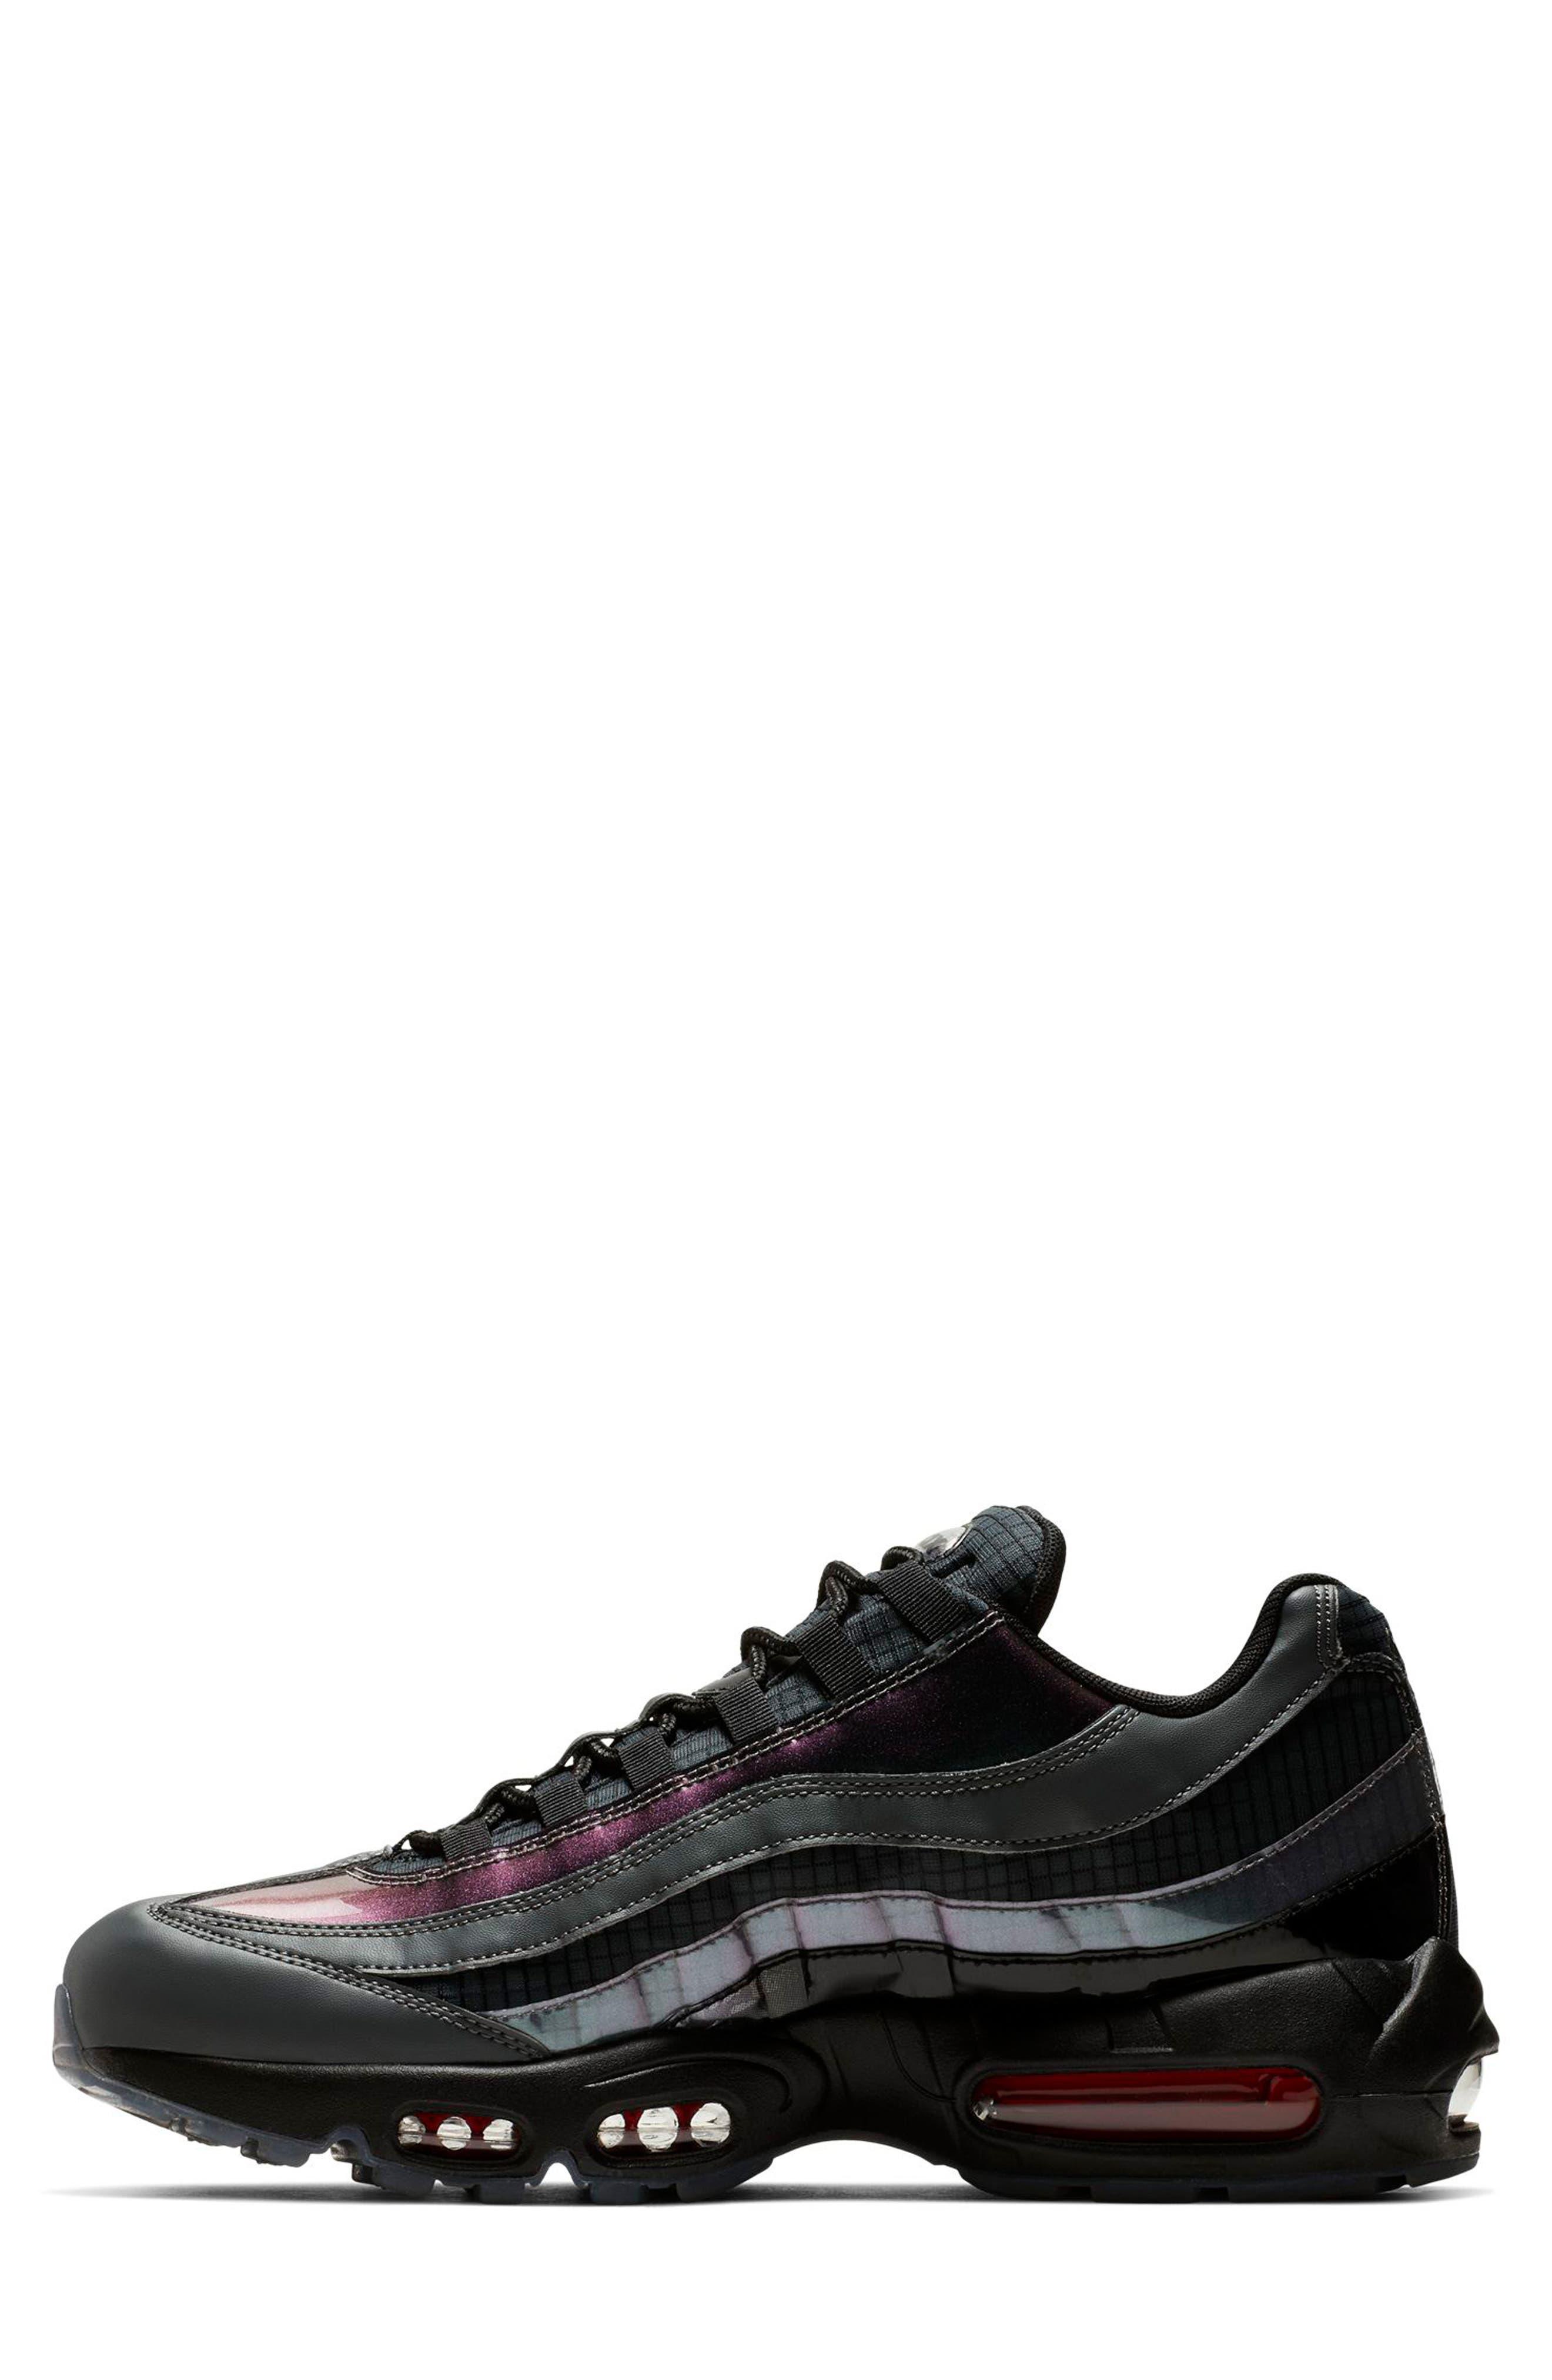 NIKE, Air Max 95 LV8 Sneaker, Alternate thumbnail 3, color, BLACK/ EMBER GLOW/ DARK GREY